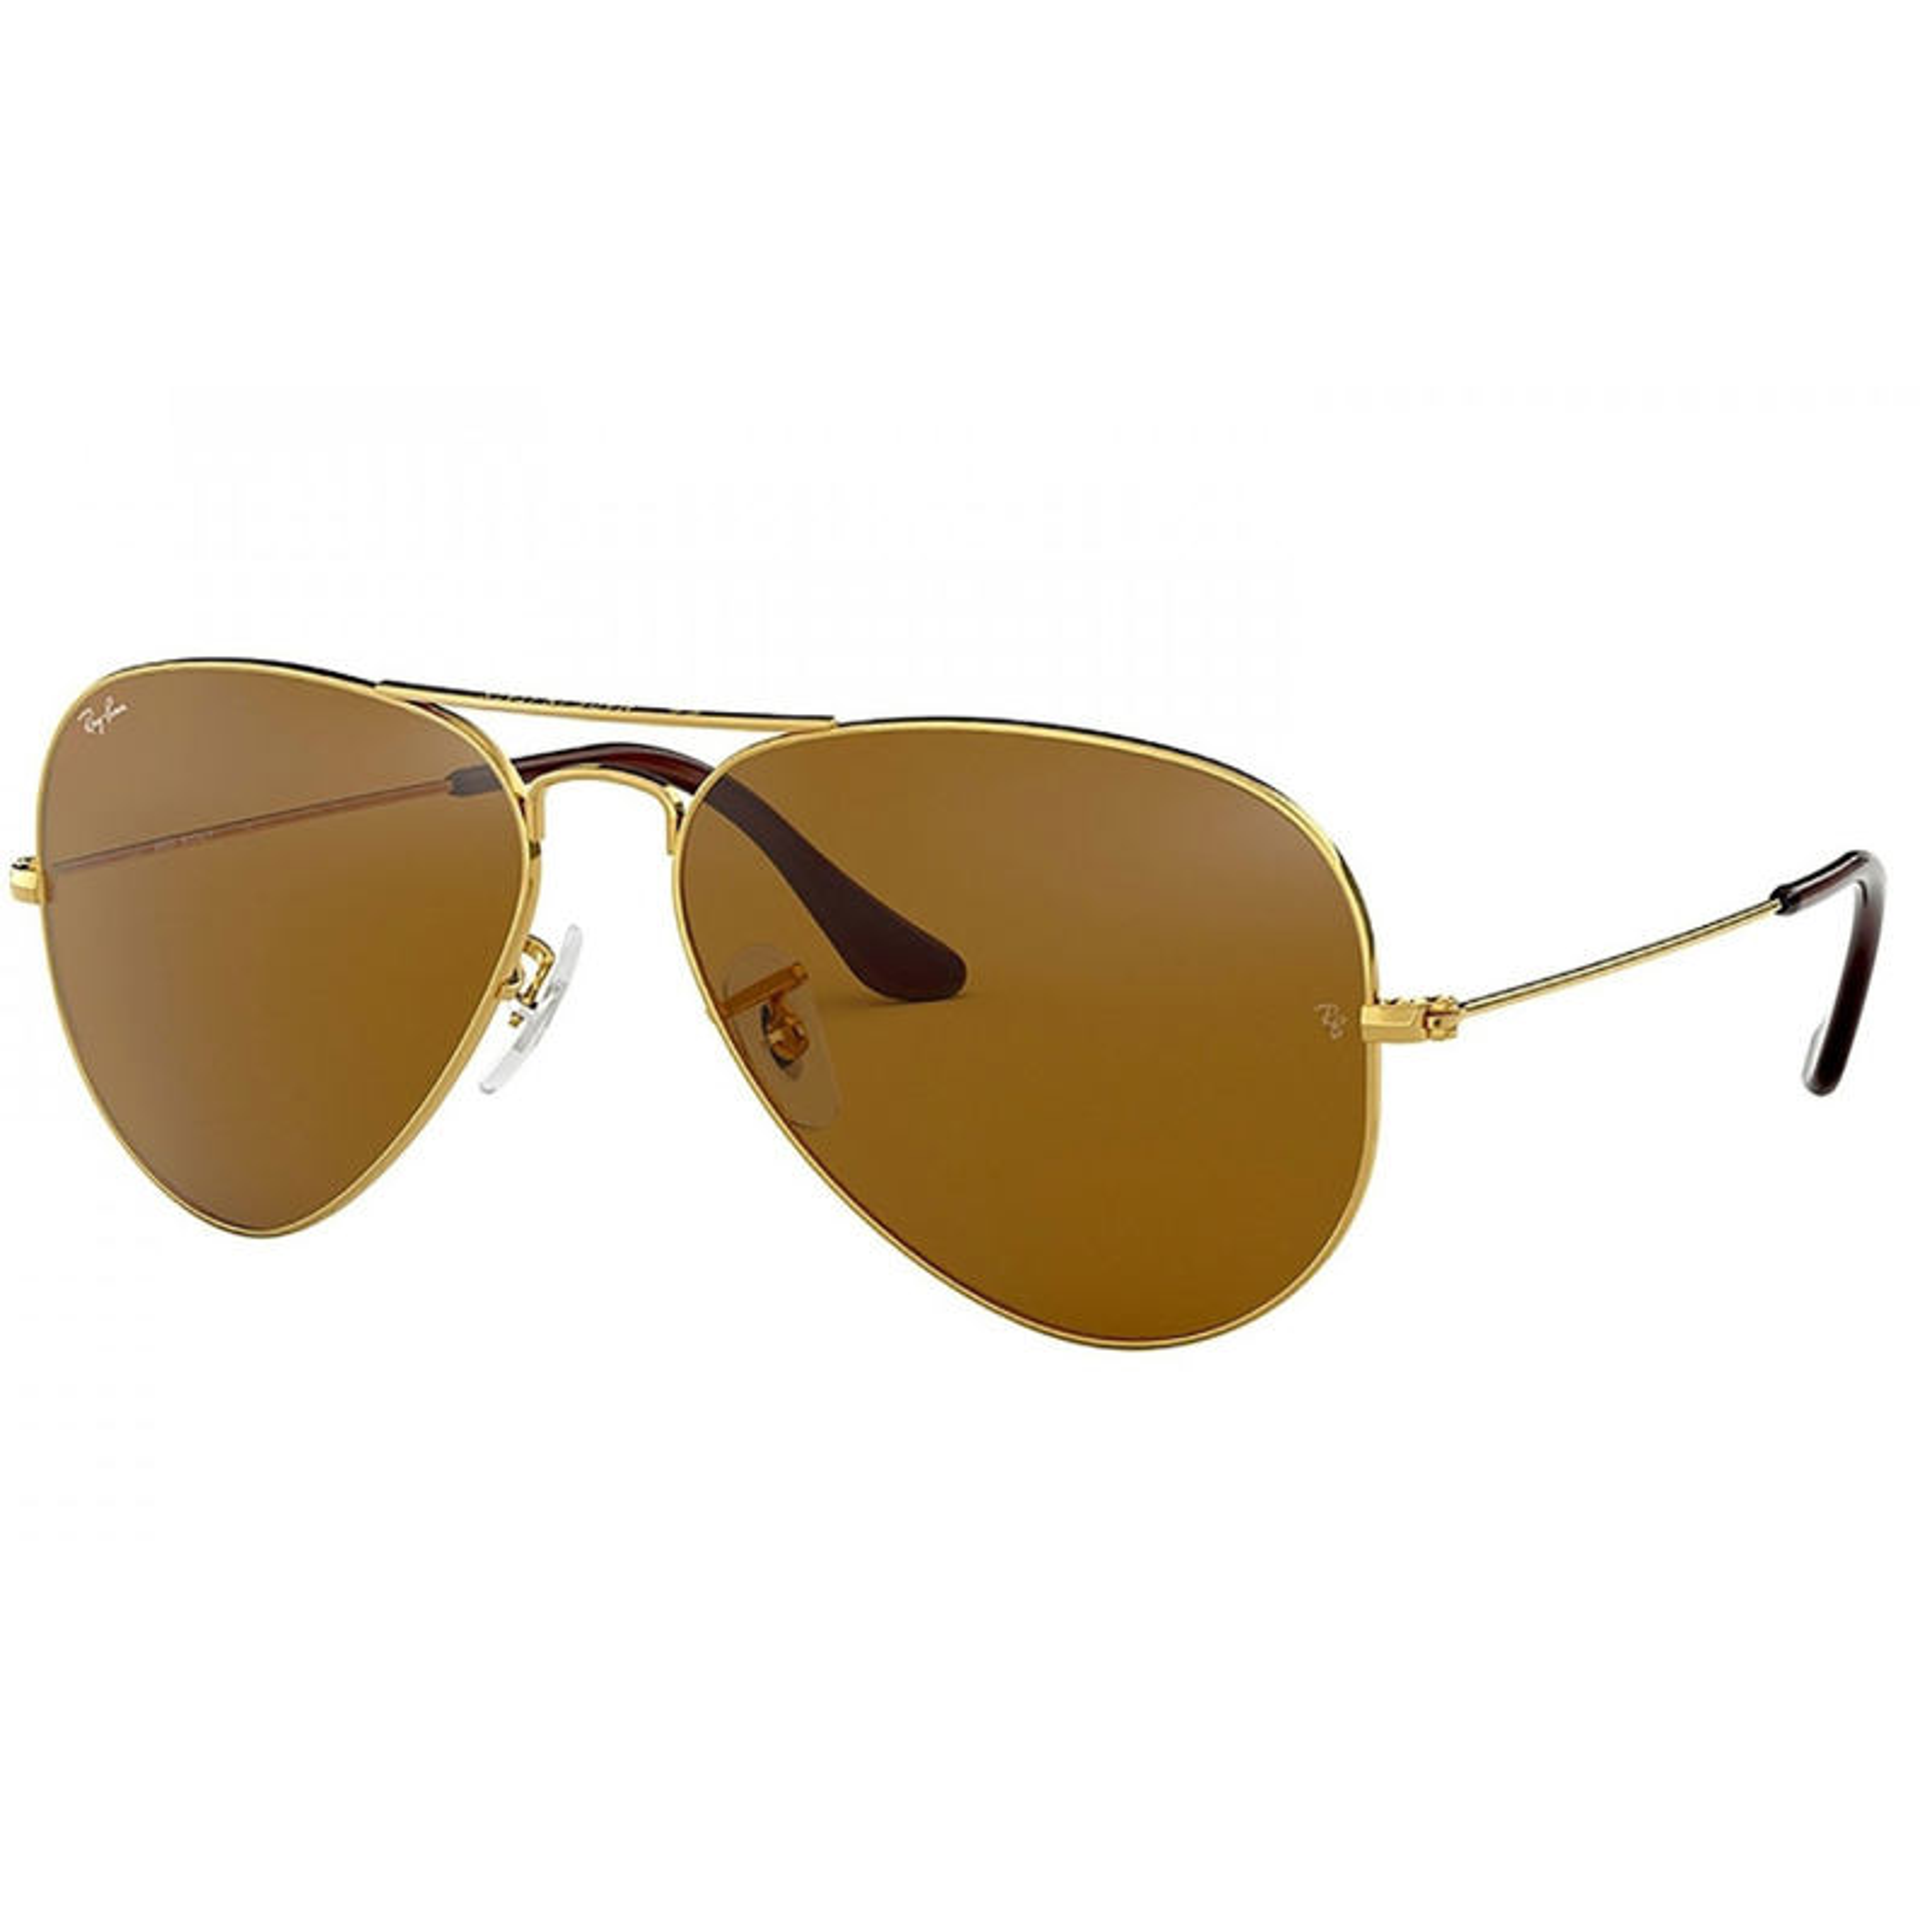 عینک آفتابی ری بن مدل 3025S 000133 55